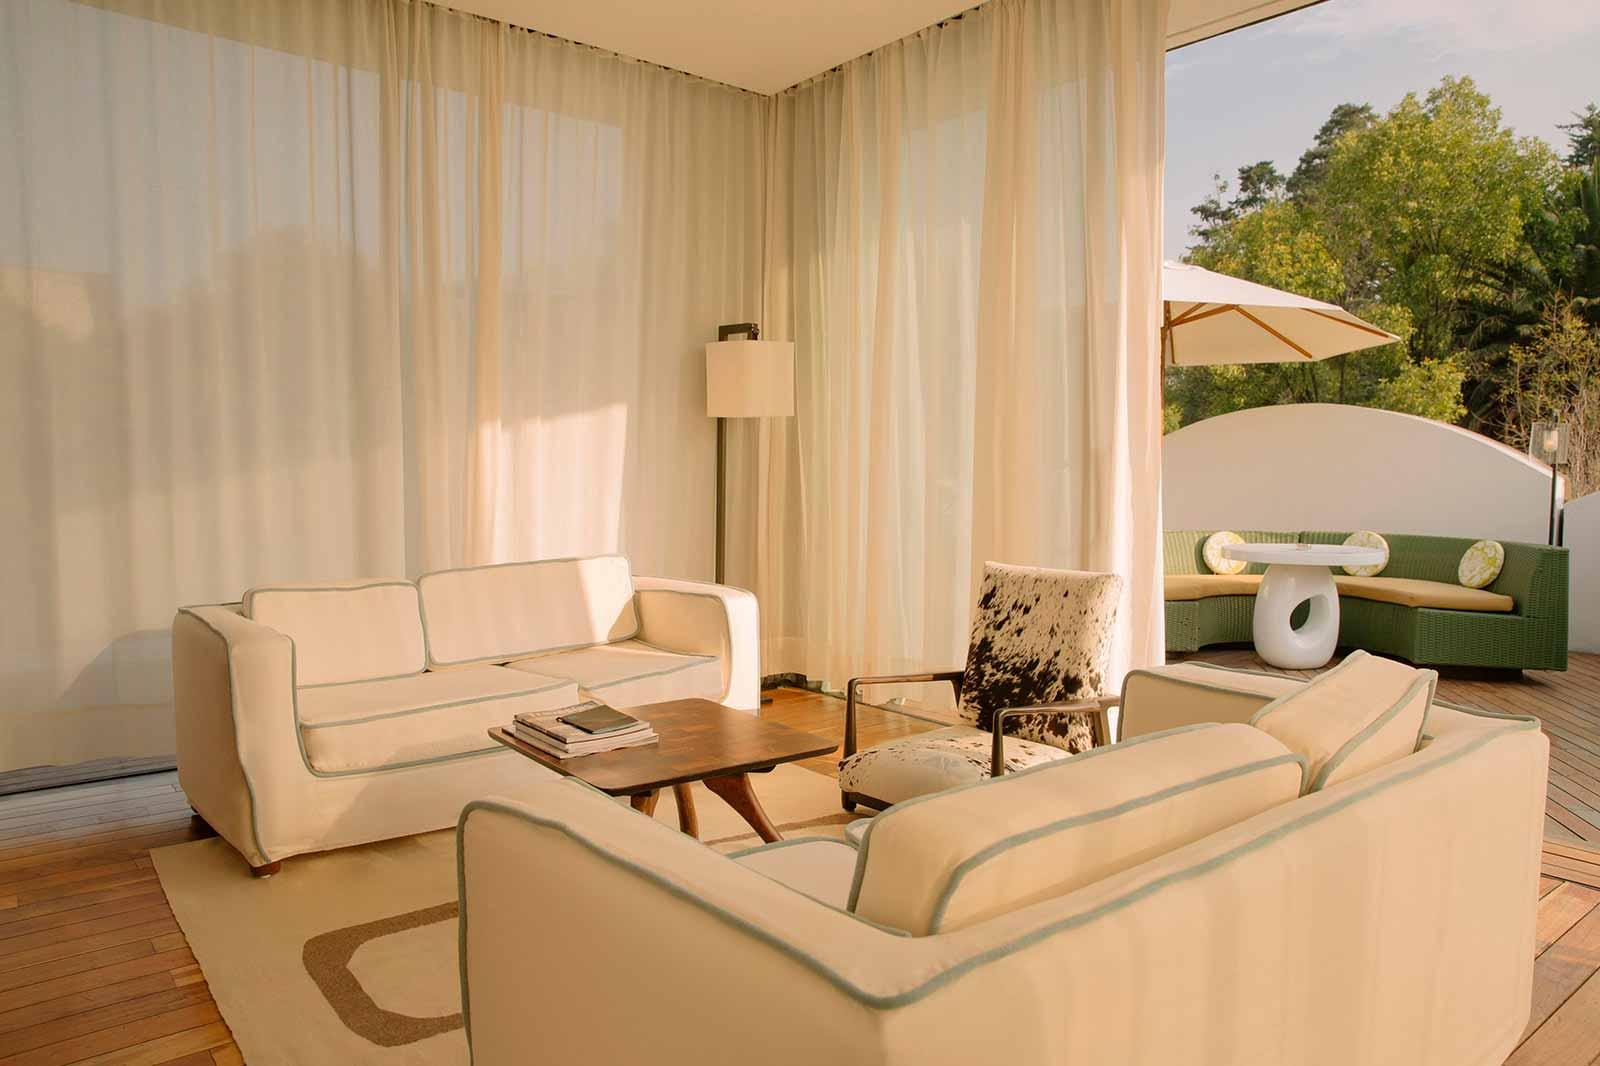 mexicofinder-travel-mexico-city-hotel-condesa-suite